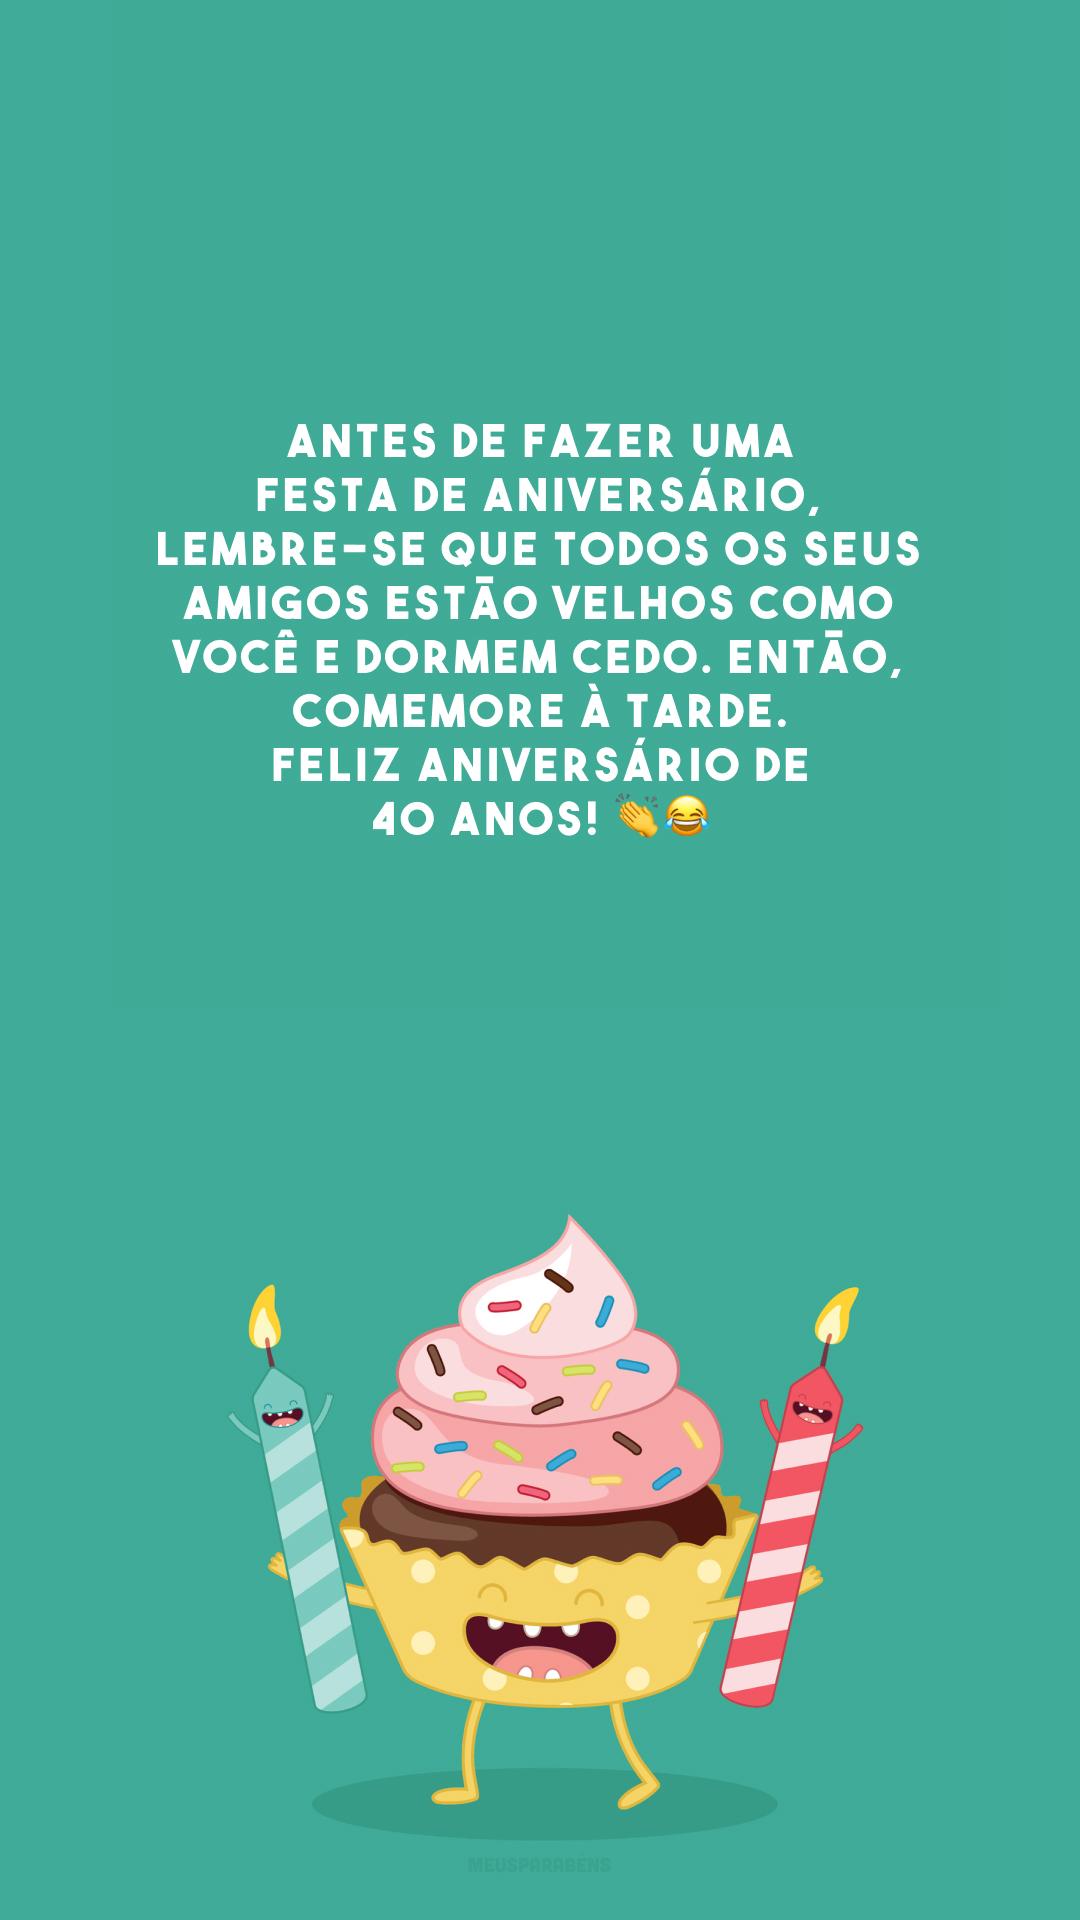 Antes de fazer uma festa de aniversário, lembre-se que todos os seus amigos estão velhos como você e dormem cedo. Então, comemore à tarde. Feliz aniversário de 40 anos! 👏😂